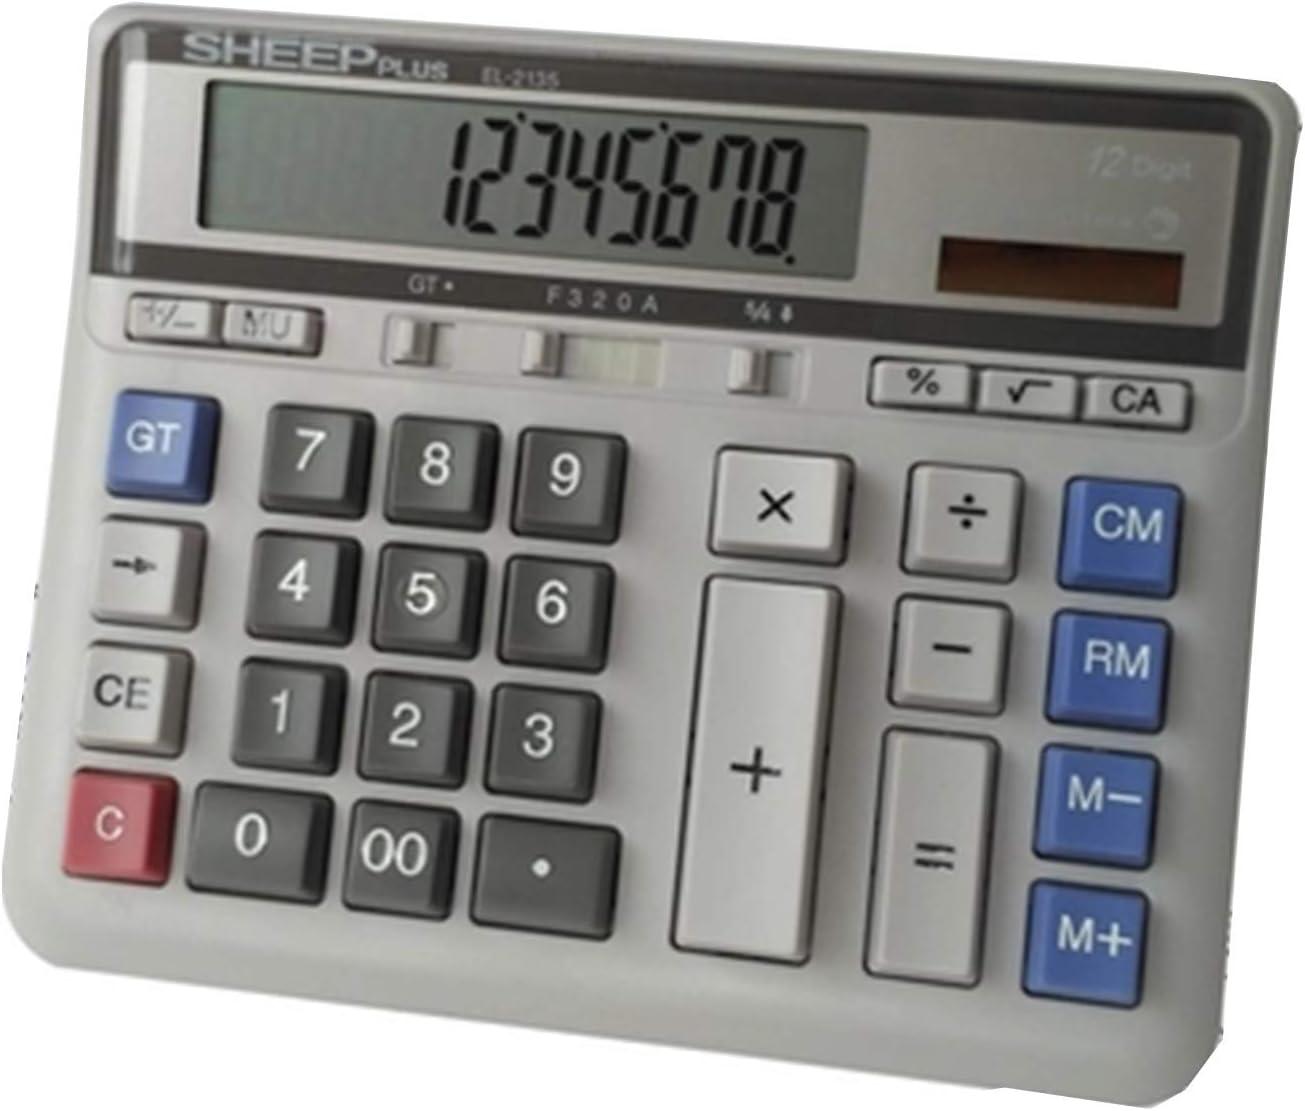 HEIFEN Oficina financiera Calculadora Botón Grande Potencia Grande Pantalla Grande Caja registradora dedicada Máquina de Negocios con Pantalla Digital de 12 dígitos: Amazon.es: Hogar